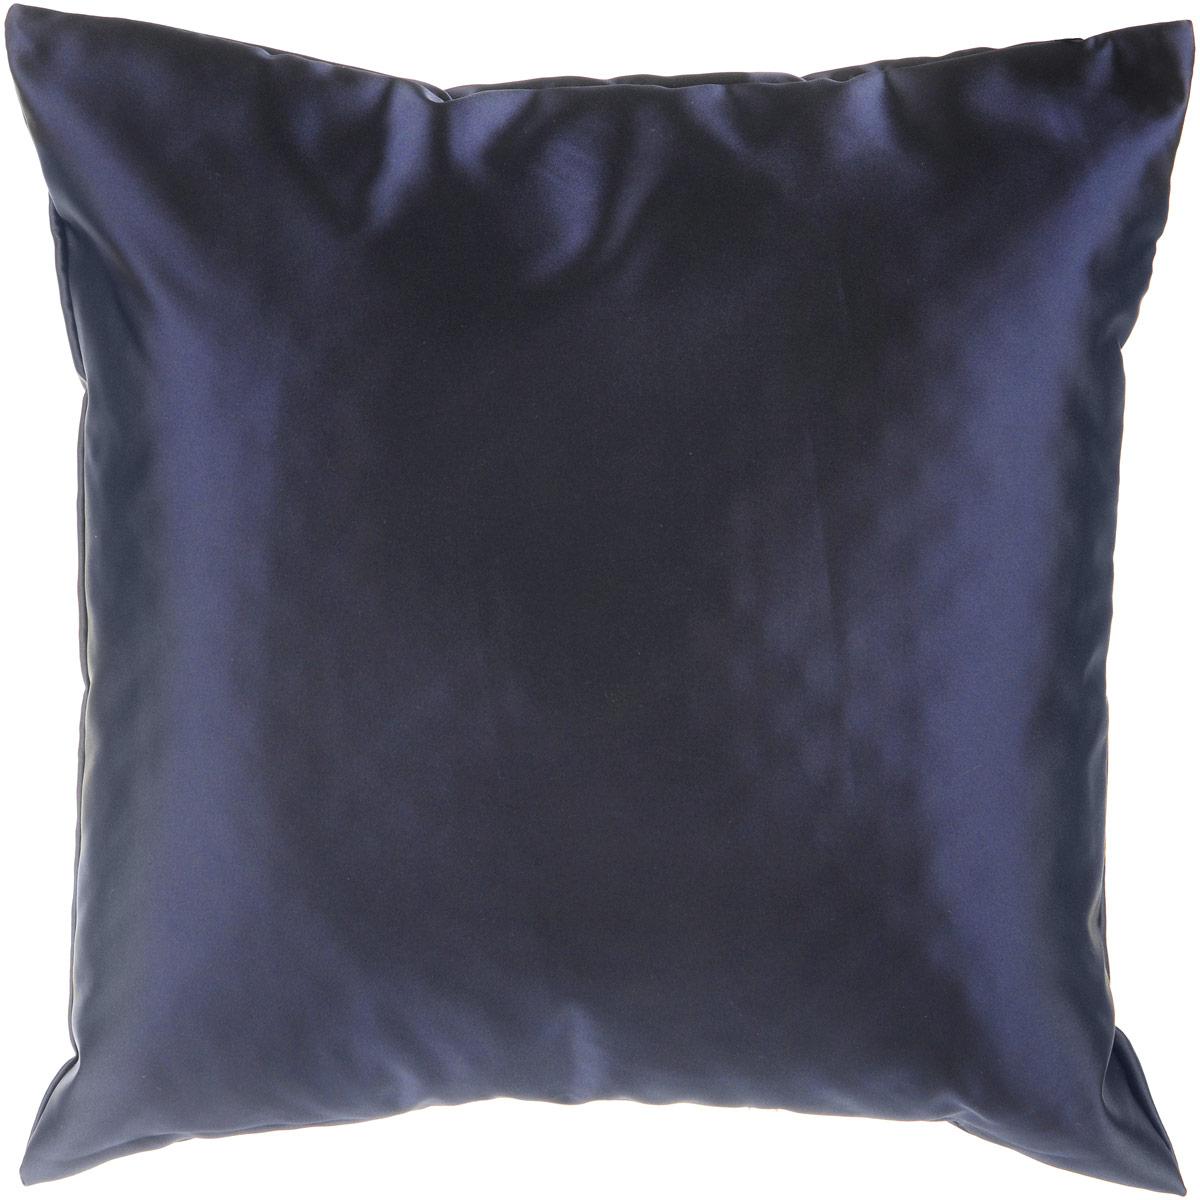 Подушка декоративная KauffOrt Крем, цвет: темно-синий, 40 x 40 см3121300645Декоративная подушка Крем прекрасно дополнит интерьер спальни или гостиной. Шелковый на ощупь чехол подушки выполнен из прочного полиэстера. Внутри находится мягкий наполнитель. Чехол легко снимается благодаря потайной молнии.Красивая подушка создаст атмосферу уюта и комфорта в спальне и станет прекрасным элементом декора.